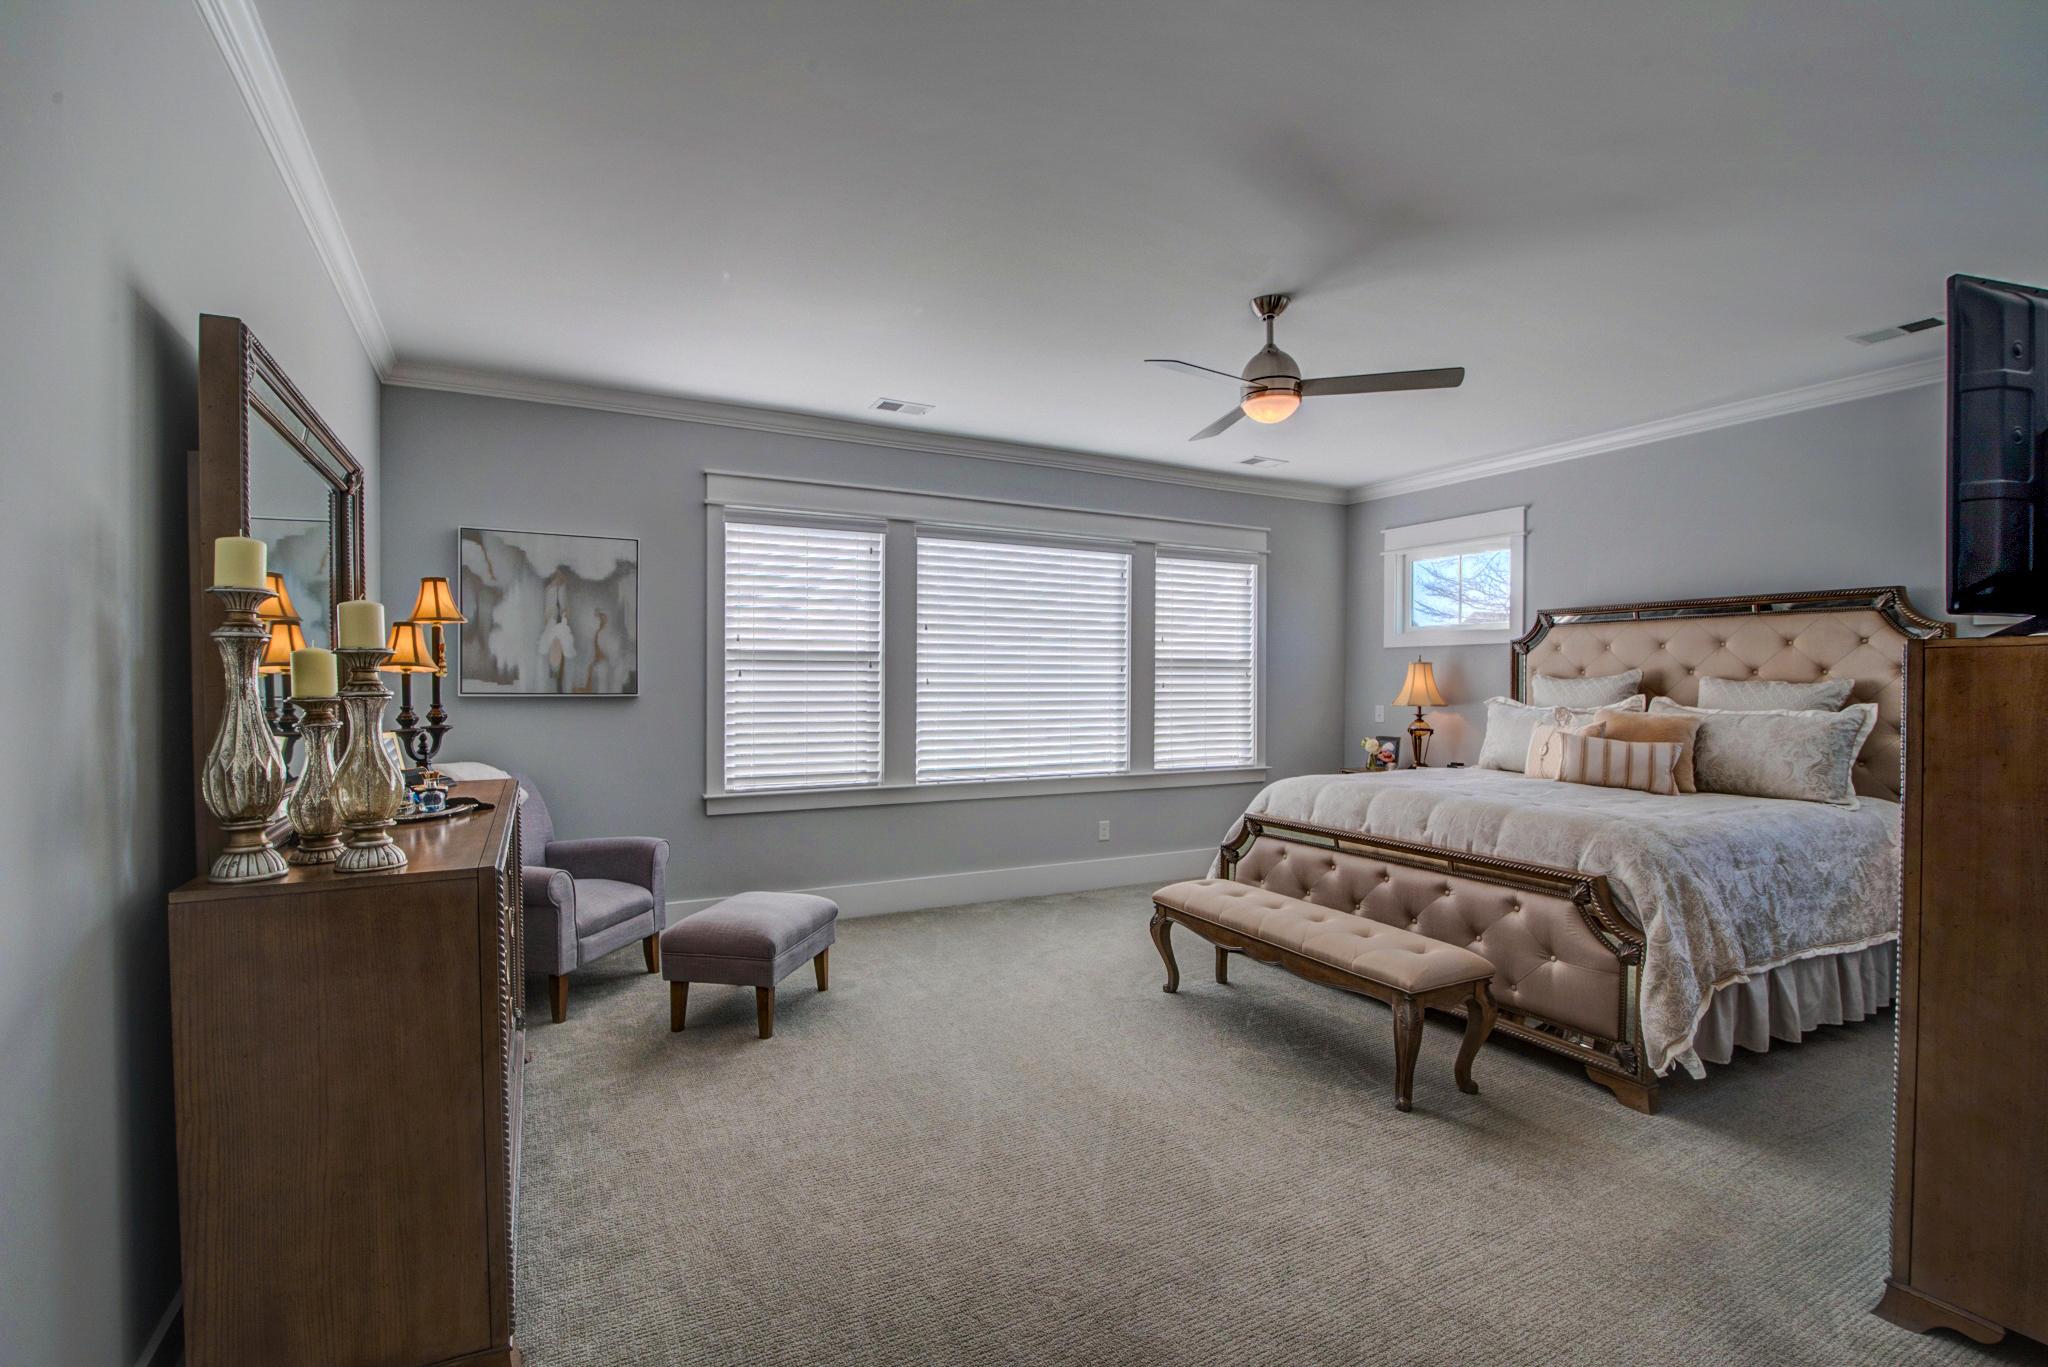 Dunes West Homes For Sale - 2883 River Vista, Mount Pleasant, SC - 37